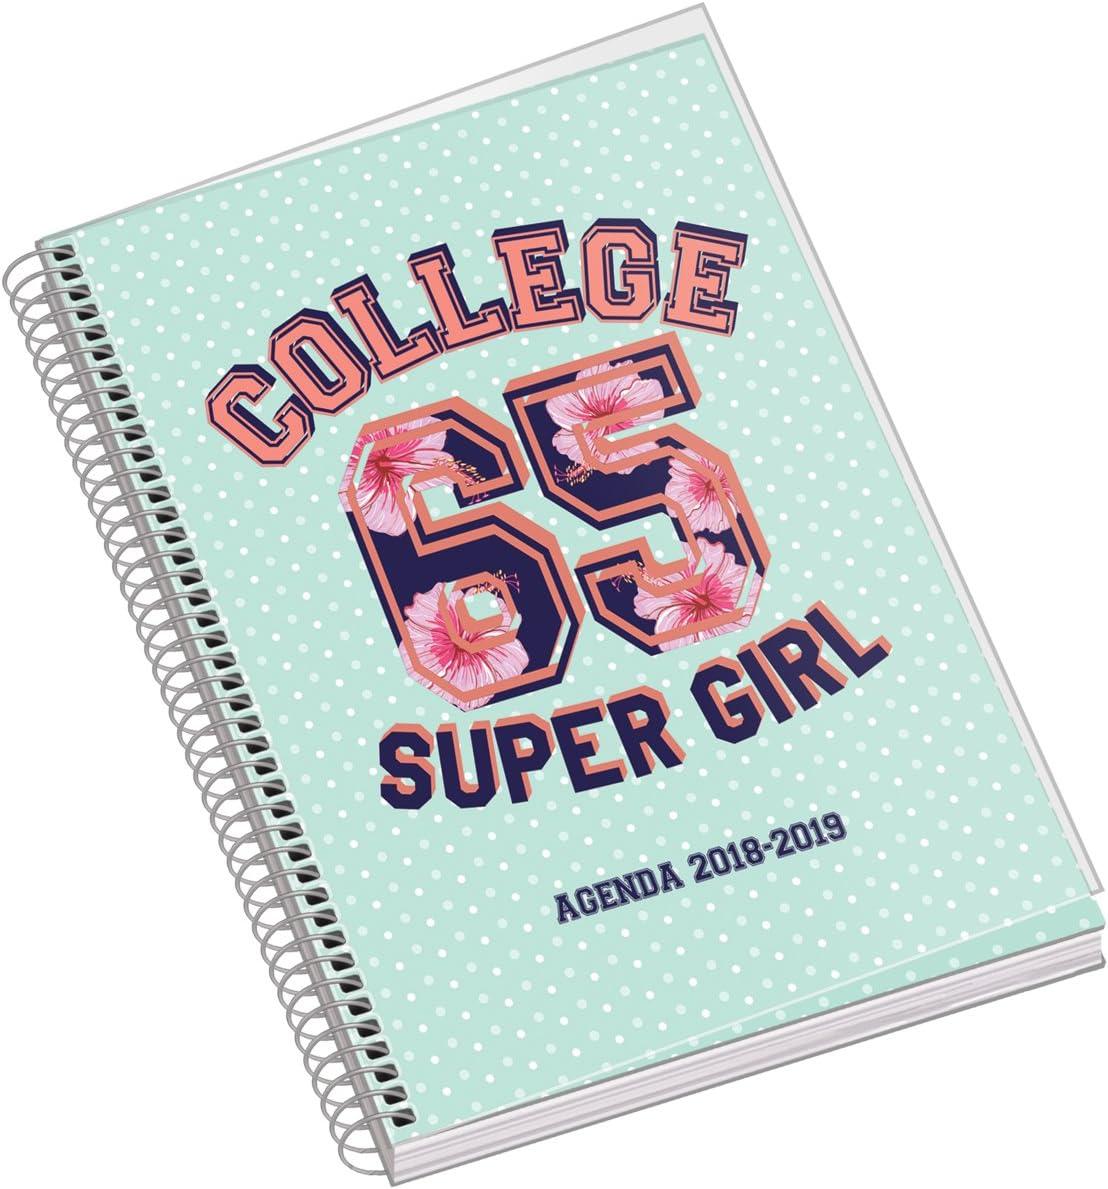 Dohe 10991 - Agenda escolar semana vista College: Amazon.es: Oficina y papelería